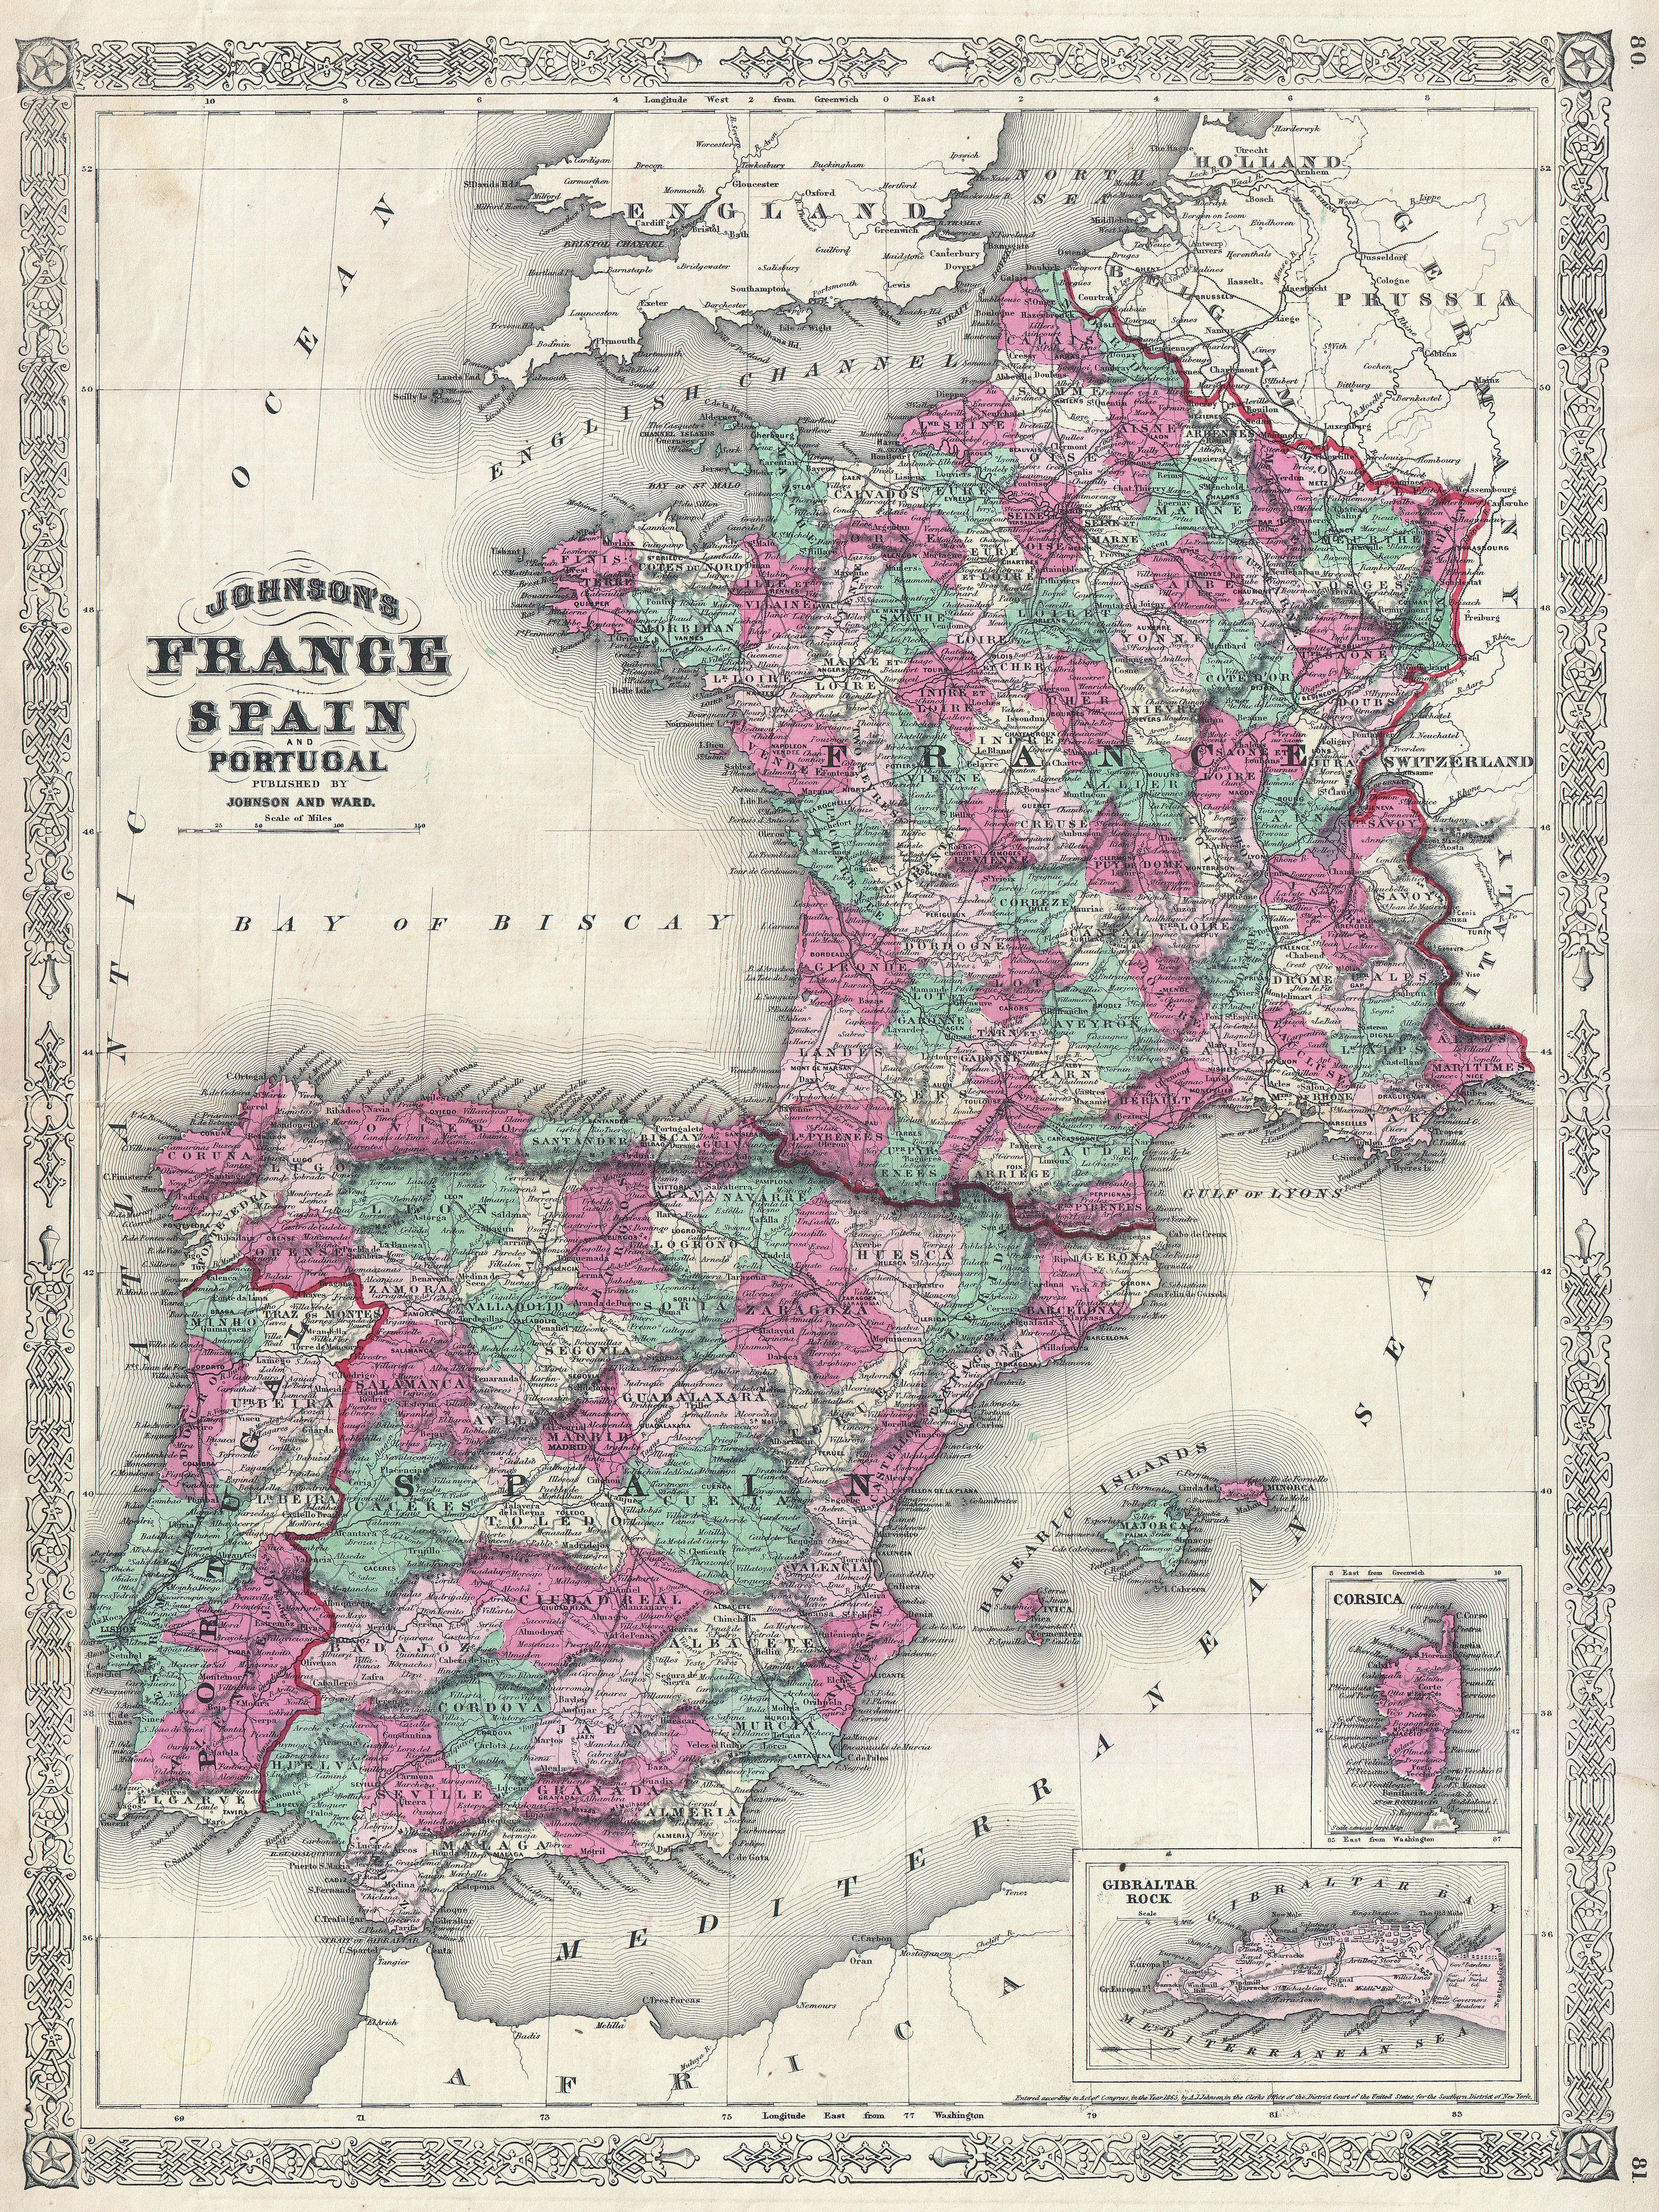 1865 in France